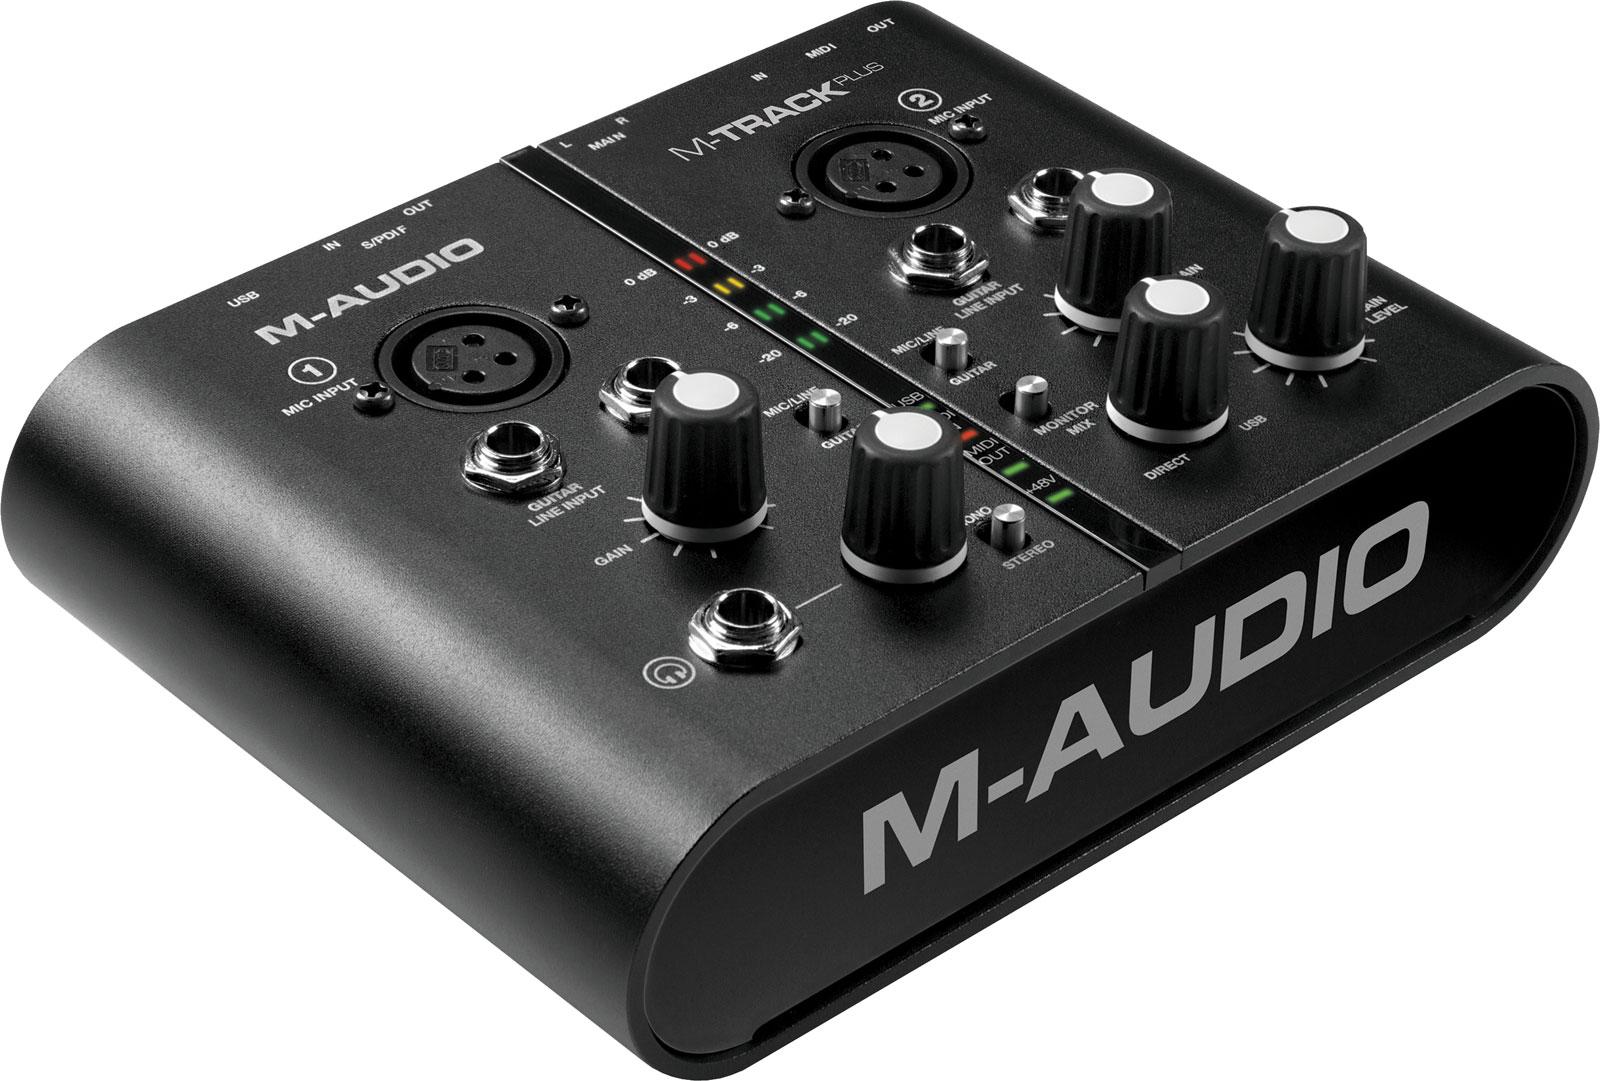 M-AUDIO 真是一個坎刻的品牌